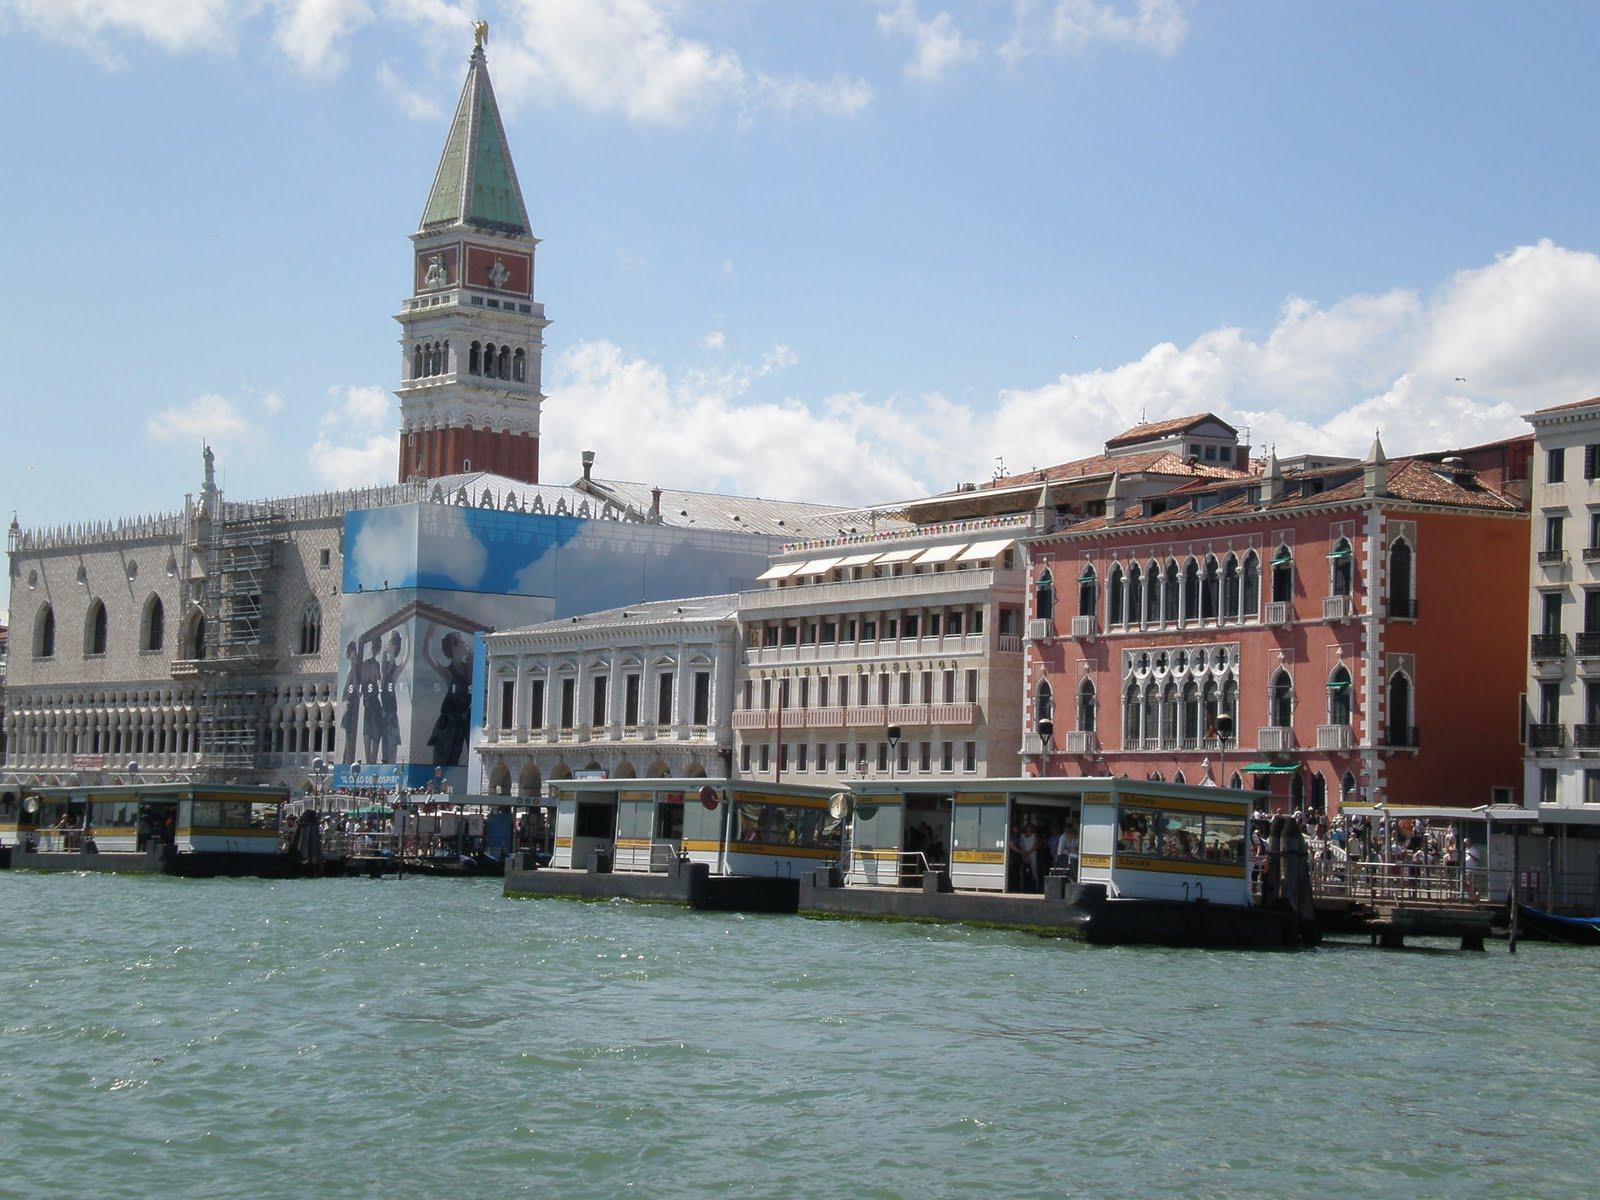 Hotel Danieli Venezia Pignorato